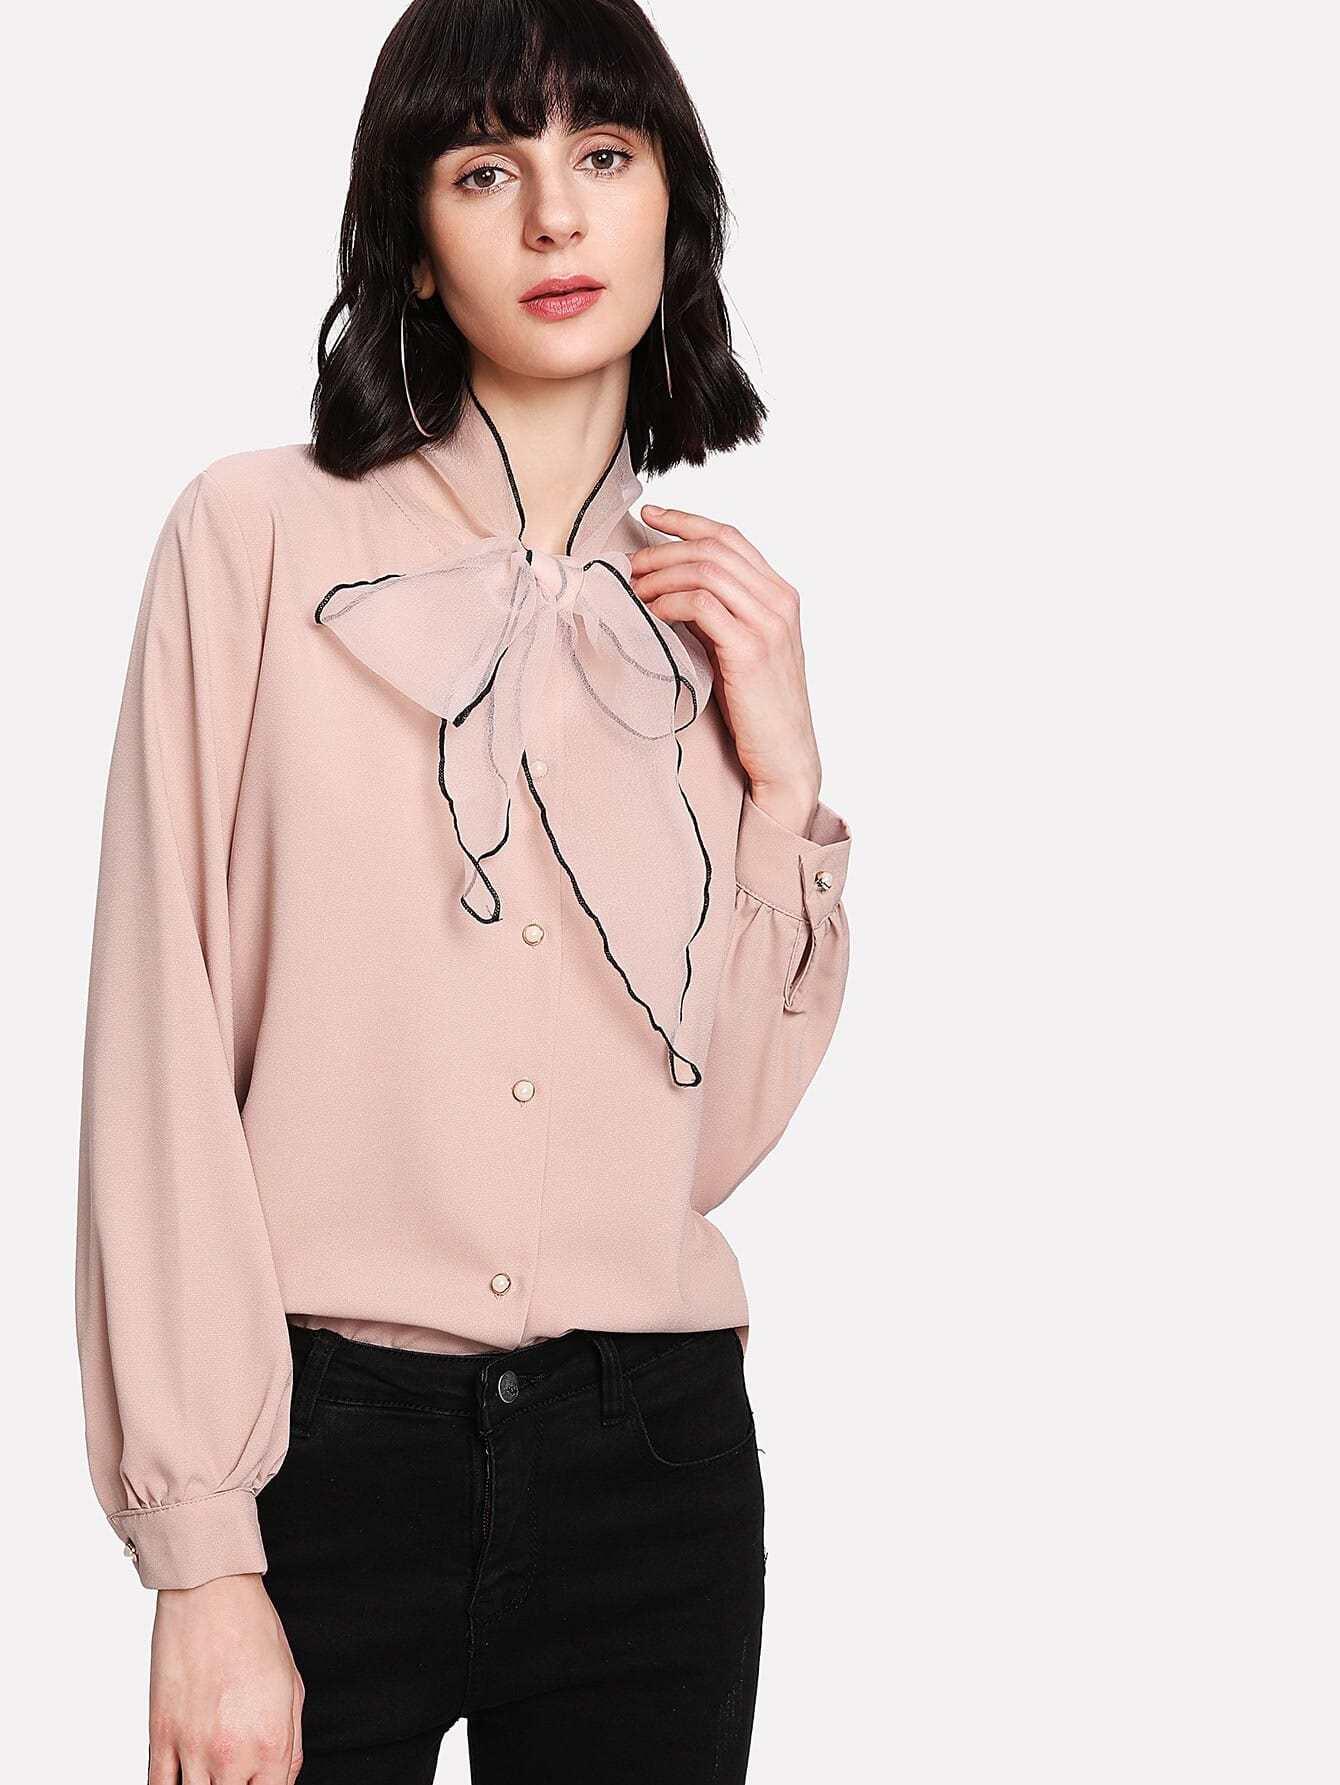 Купить Модная блуза с бантом, Ksenia G, SheIn